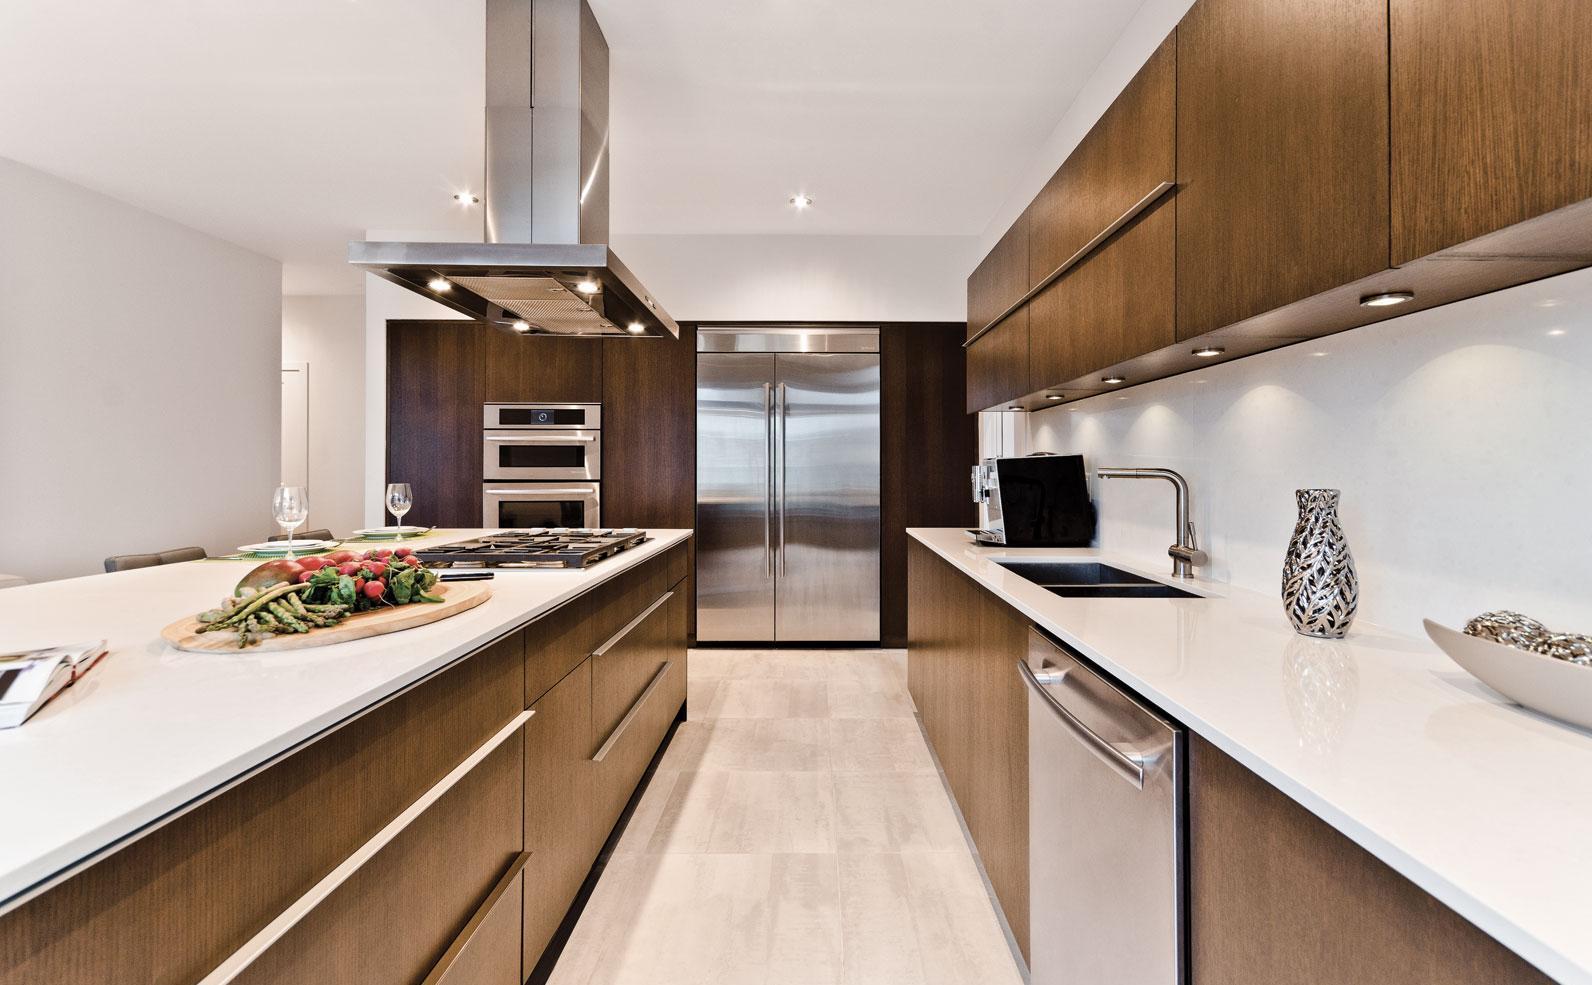 Расположение холодильника на кухне в стиле модерн